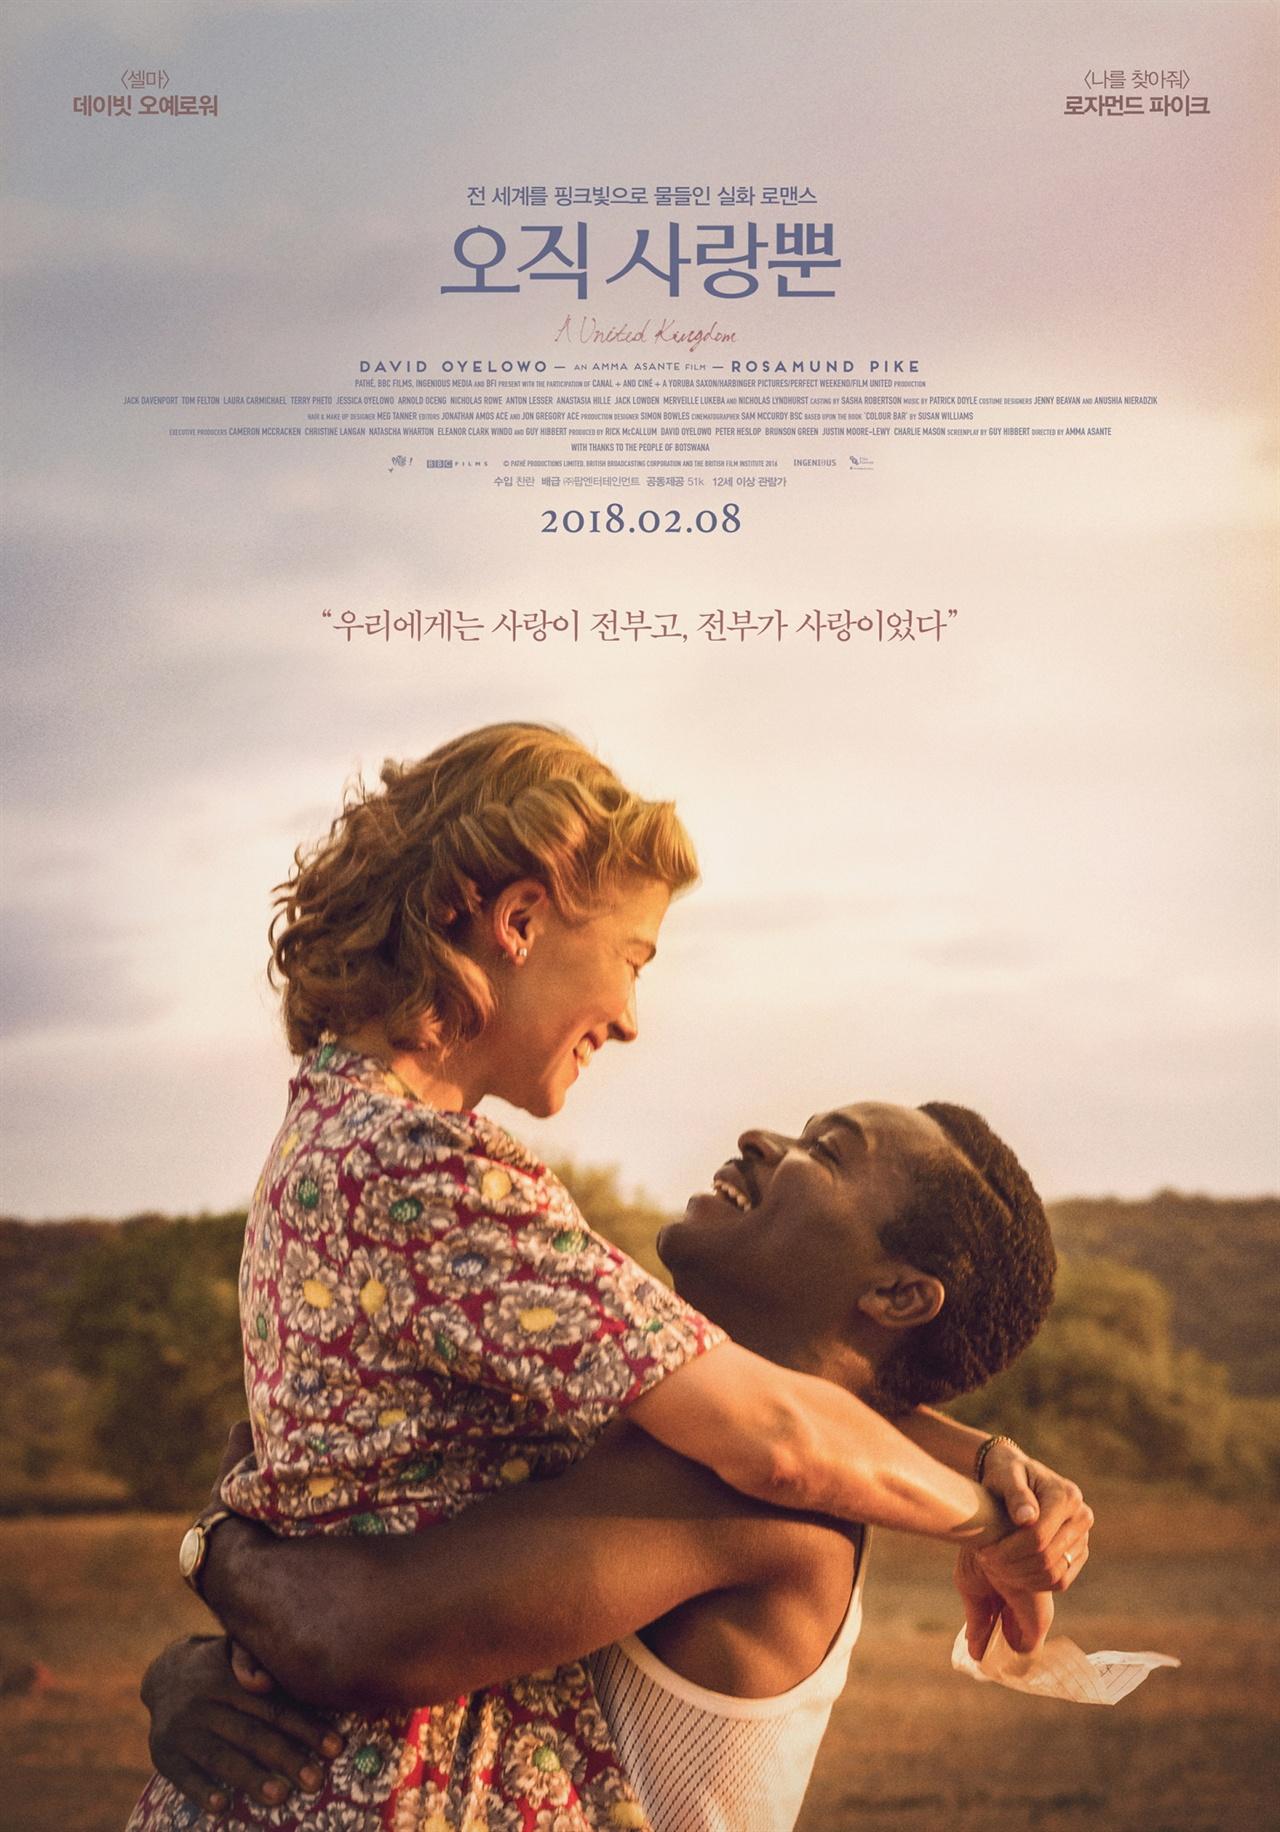 영화 <오직 사랑뿐> 포스터.